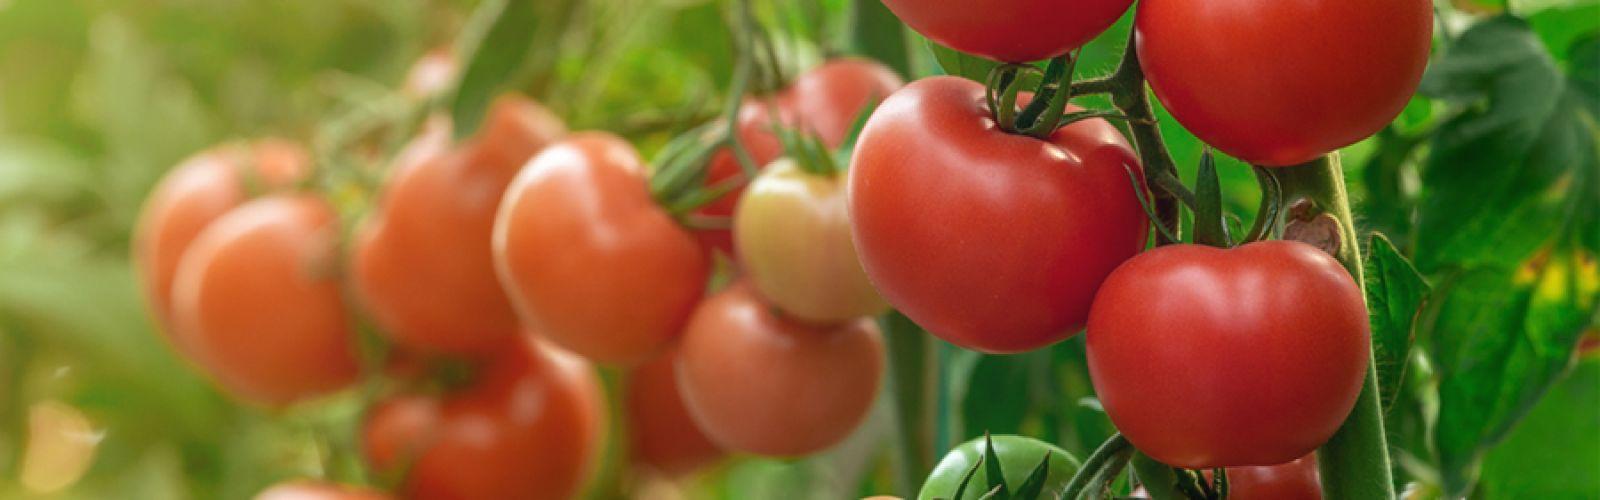 a close up of a tomato